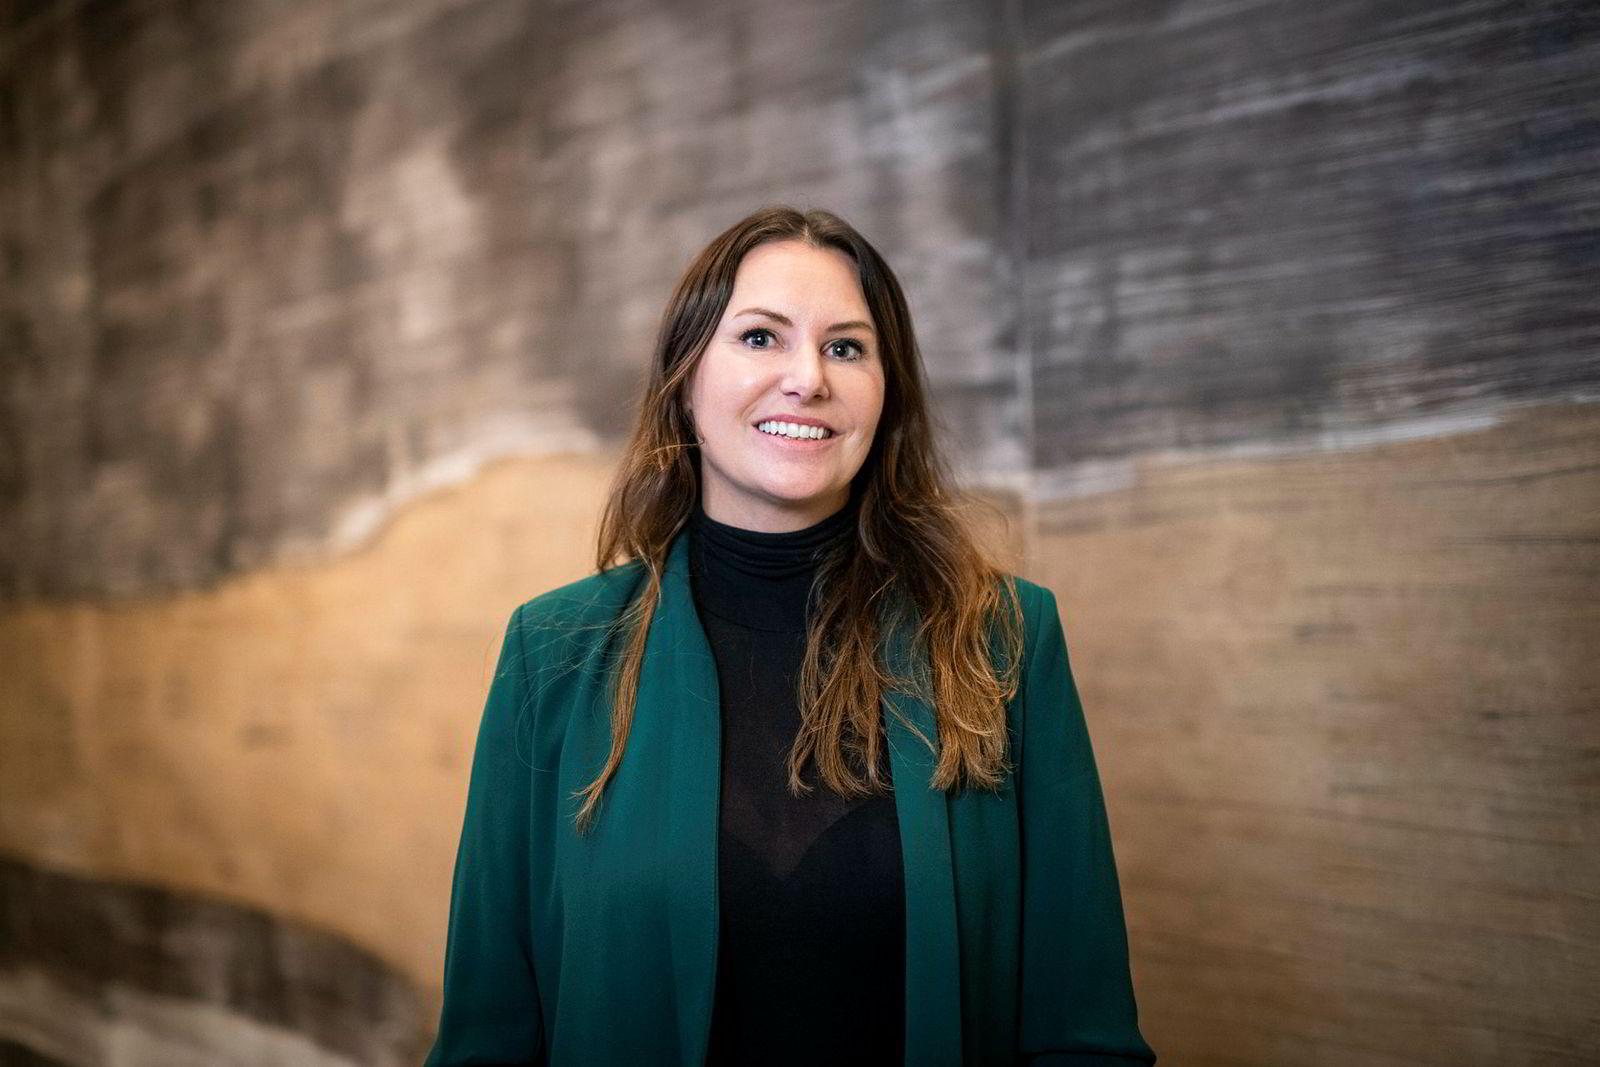 She-grunnlegger Heidi Aven vil ha flere selskaper med i indeksen, så man kan spore endringer over tid.